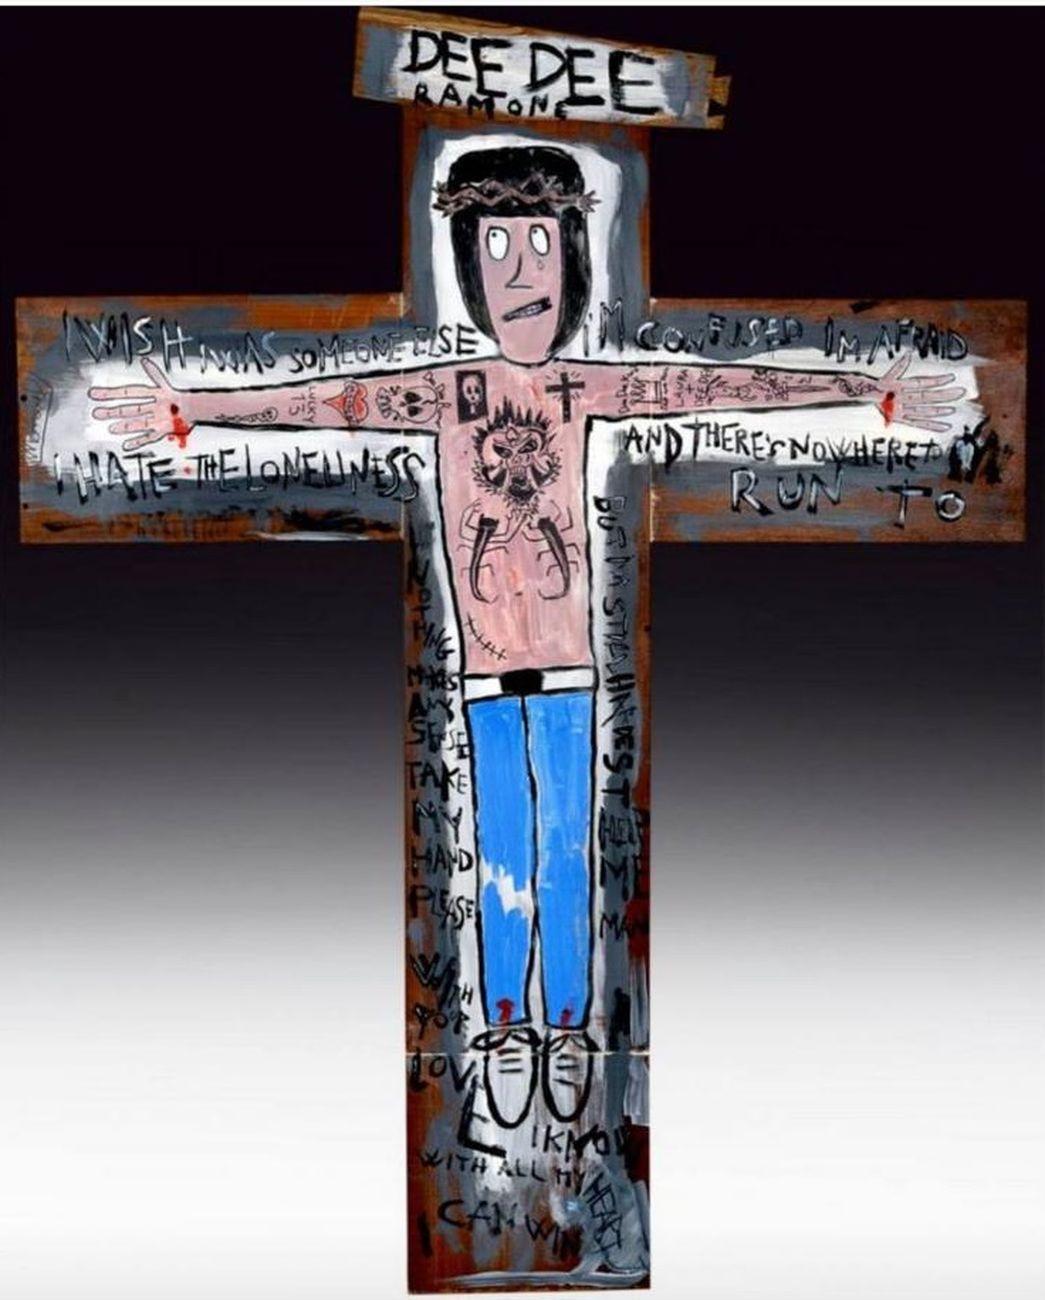 Manuel Cossu, The Cross, 2014, acrilico su legno, cm 100x130